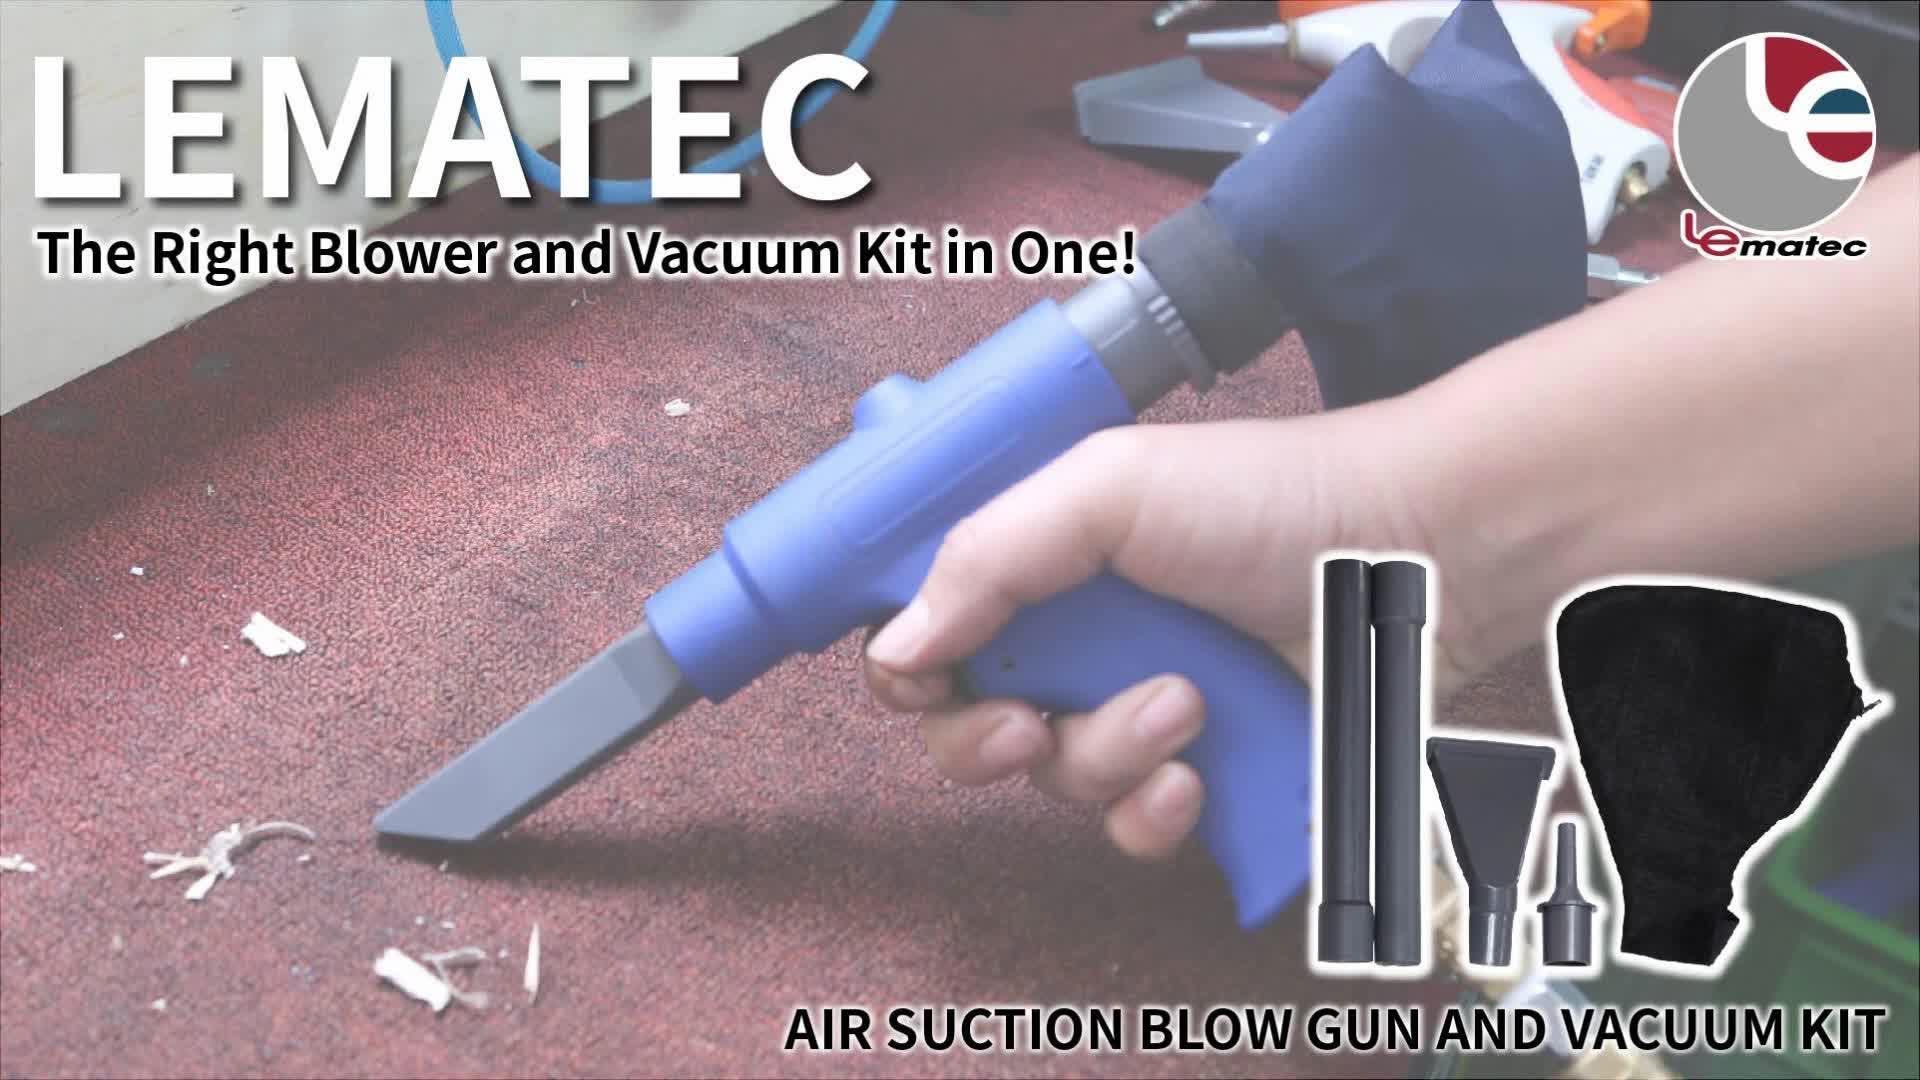 Yüksek Kaliteli Pnömatik Aracı Hava Wonder Gun Le Hızlı Değişim Hava Üfleme Ve Elektrikli Süpürge Tabancası